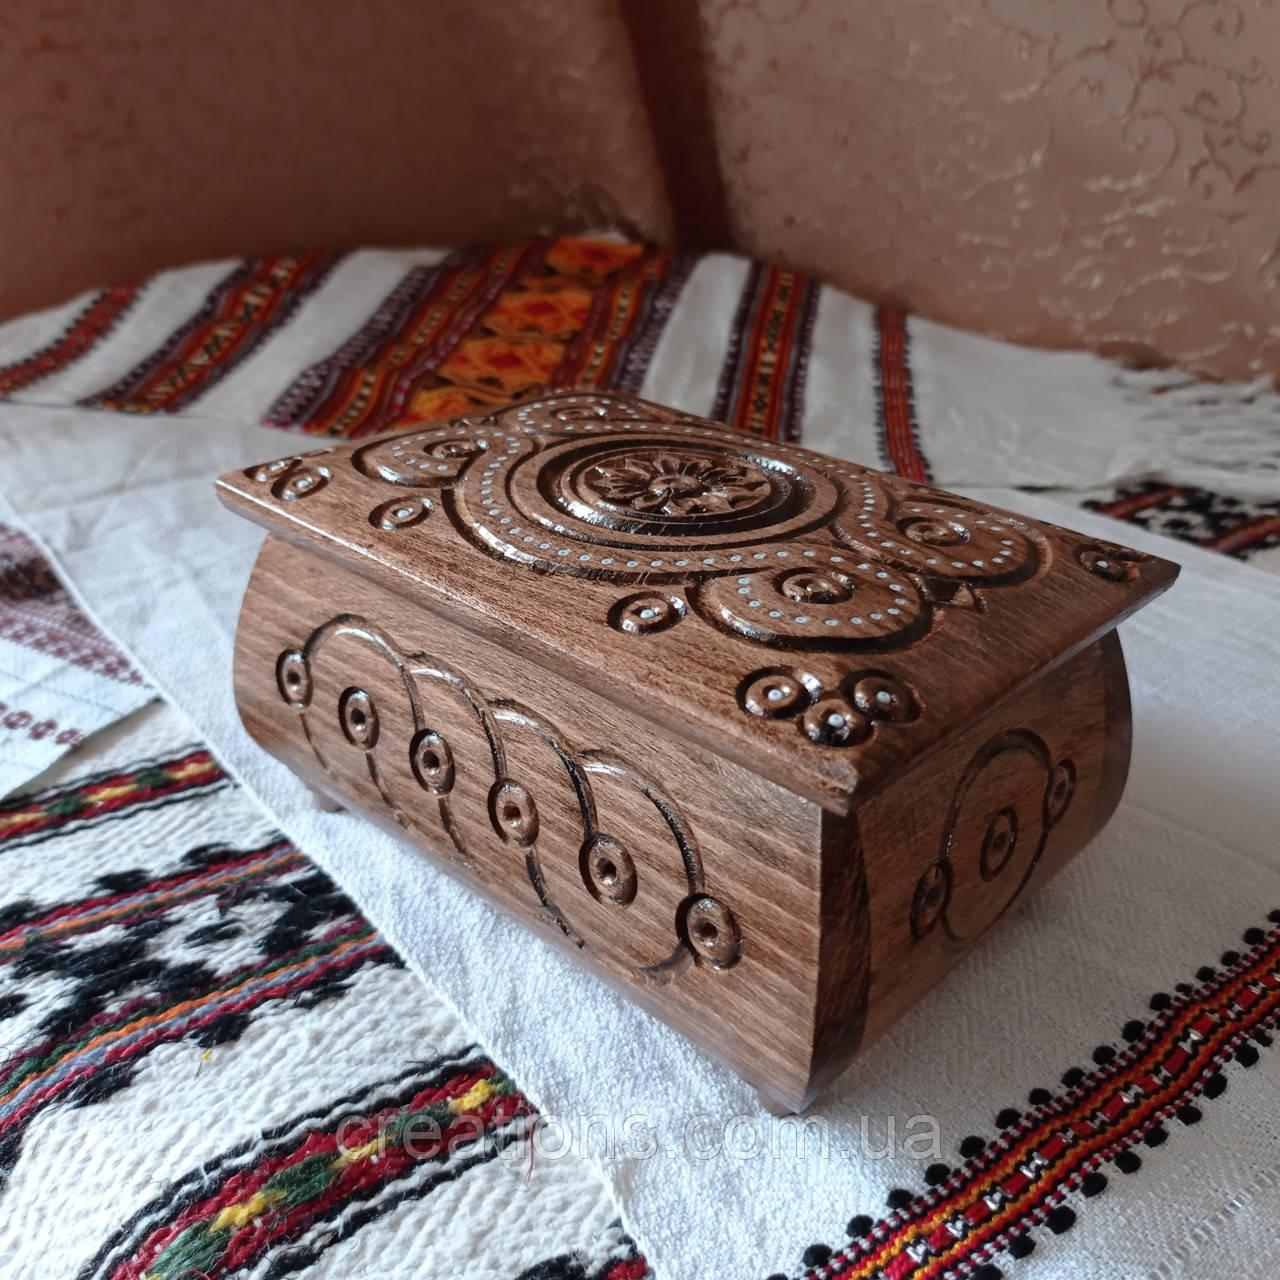 Шкатулка резная из дерева 16*11 с бархатом, ручная работа